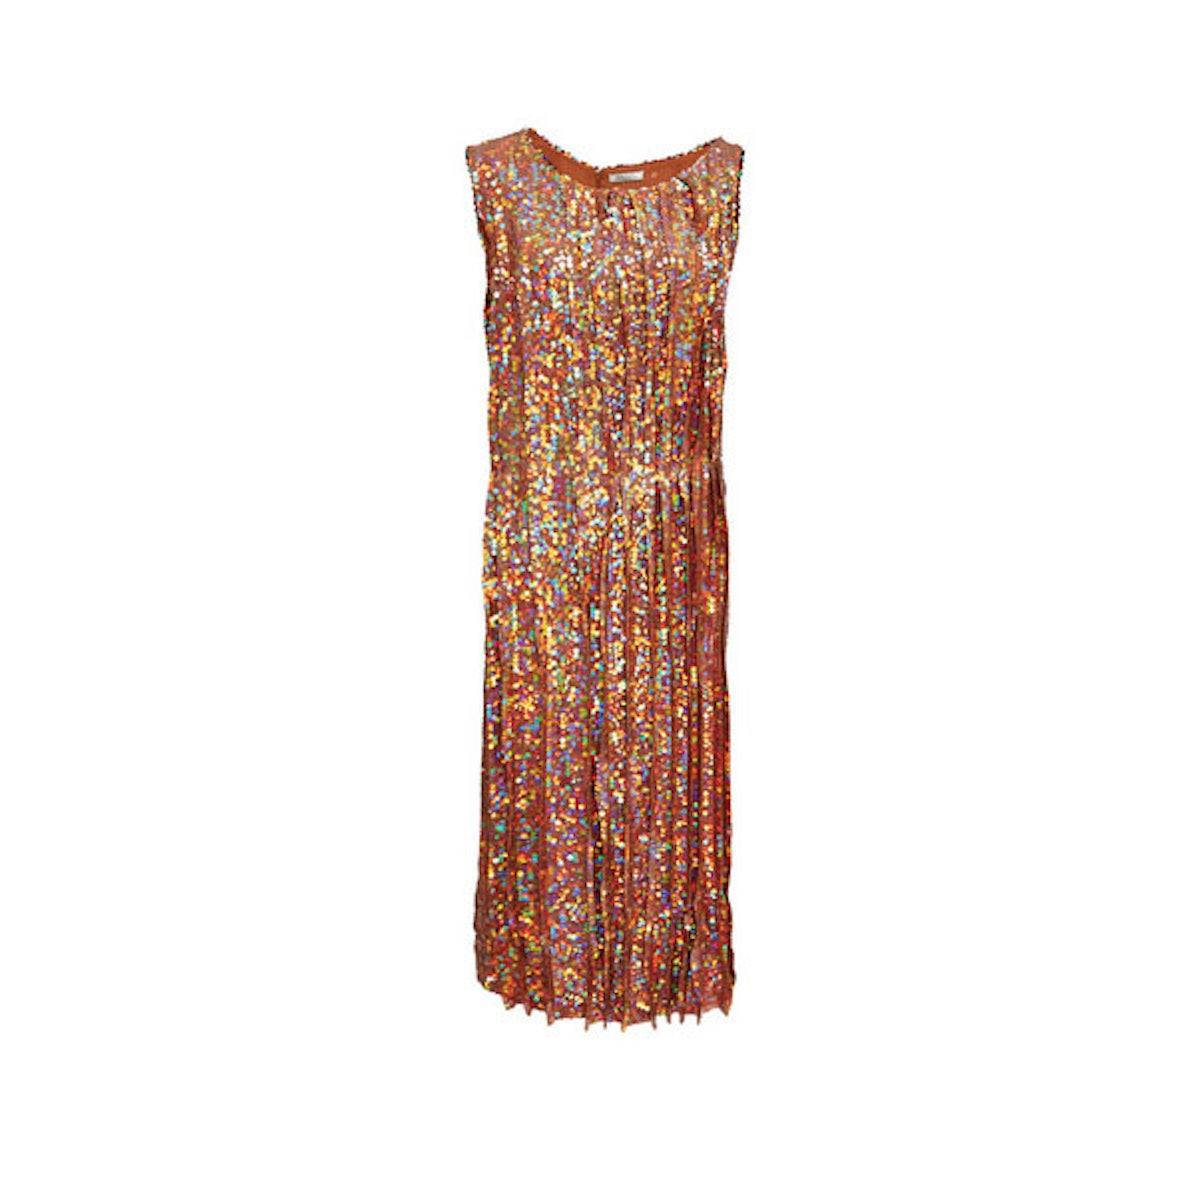 Nina Ricci Sleeveless Sequin dress